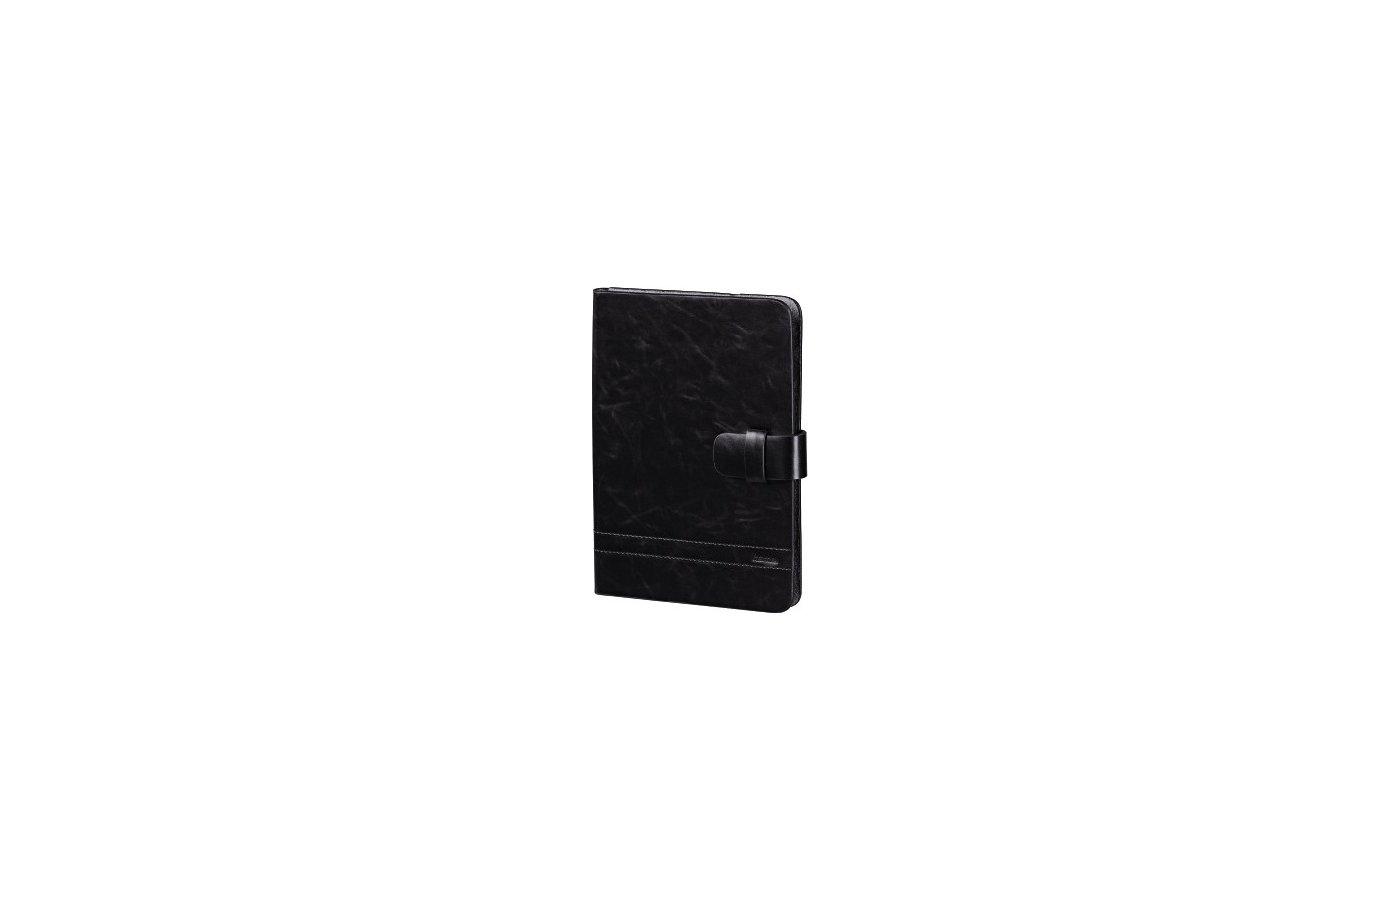 """Чехол для планшетного ПК Hama для планшета 10.1"""" Chairman полиуретан черный (00126705)"""